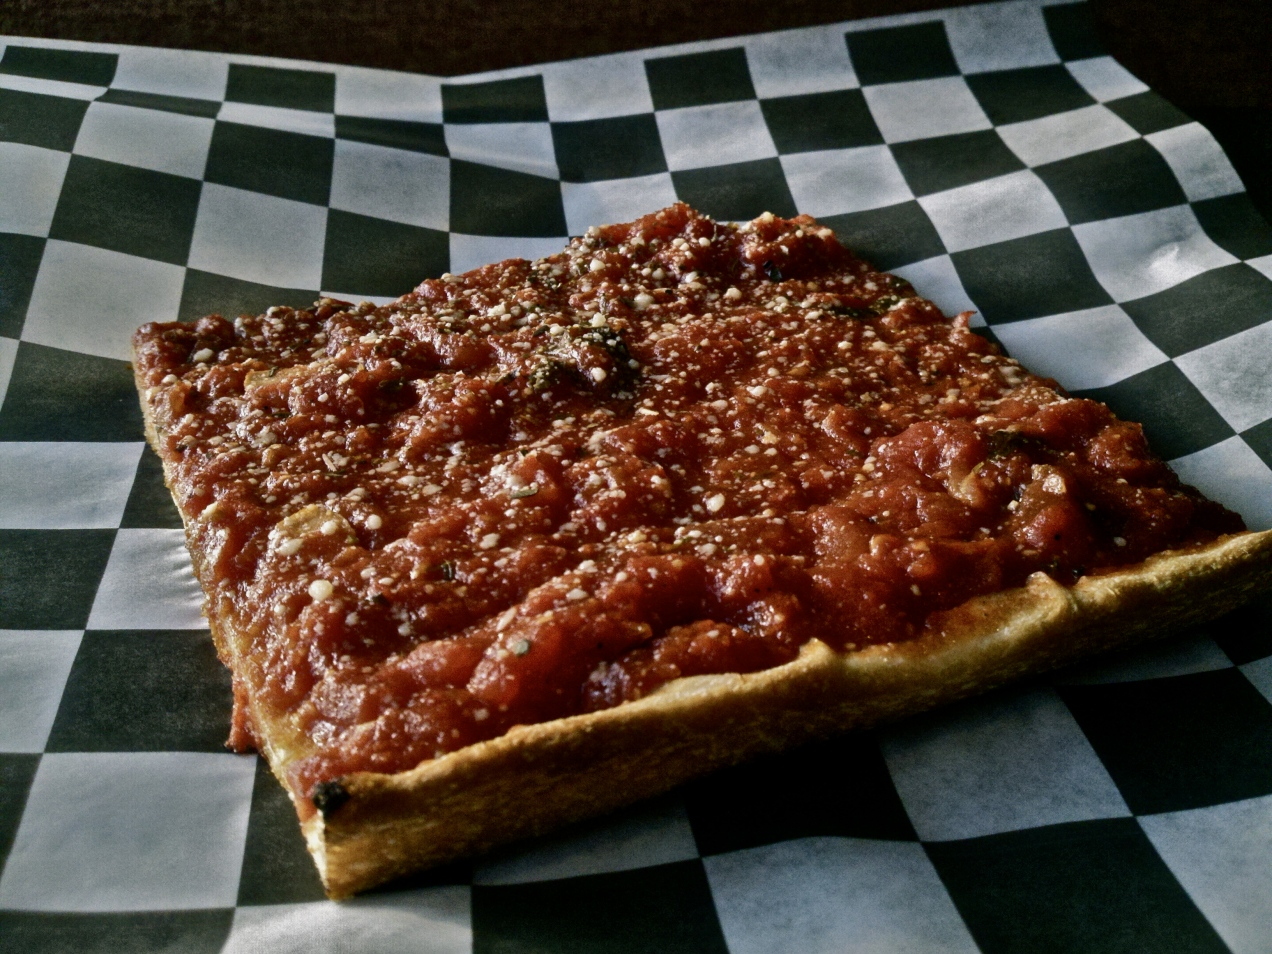 Tony Roni's Tomato Pie - Willow Grove, PA